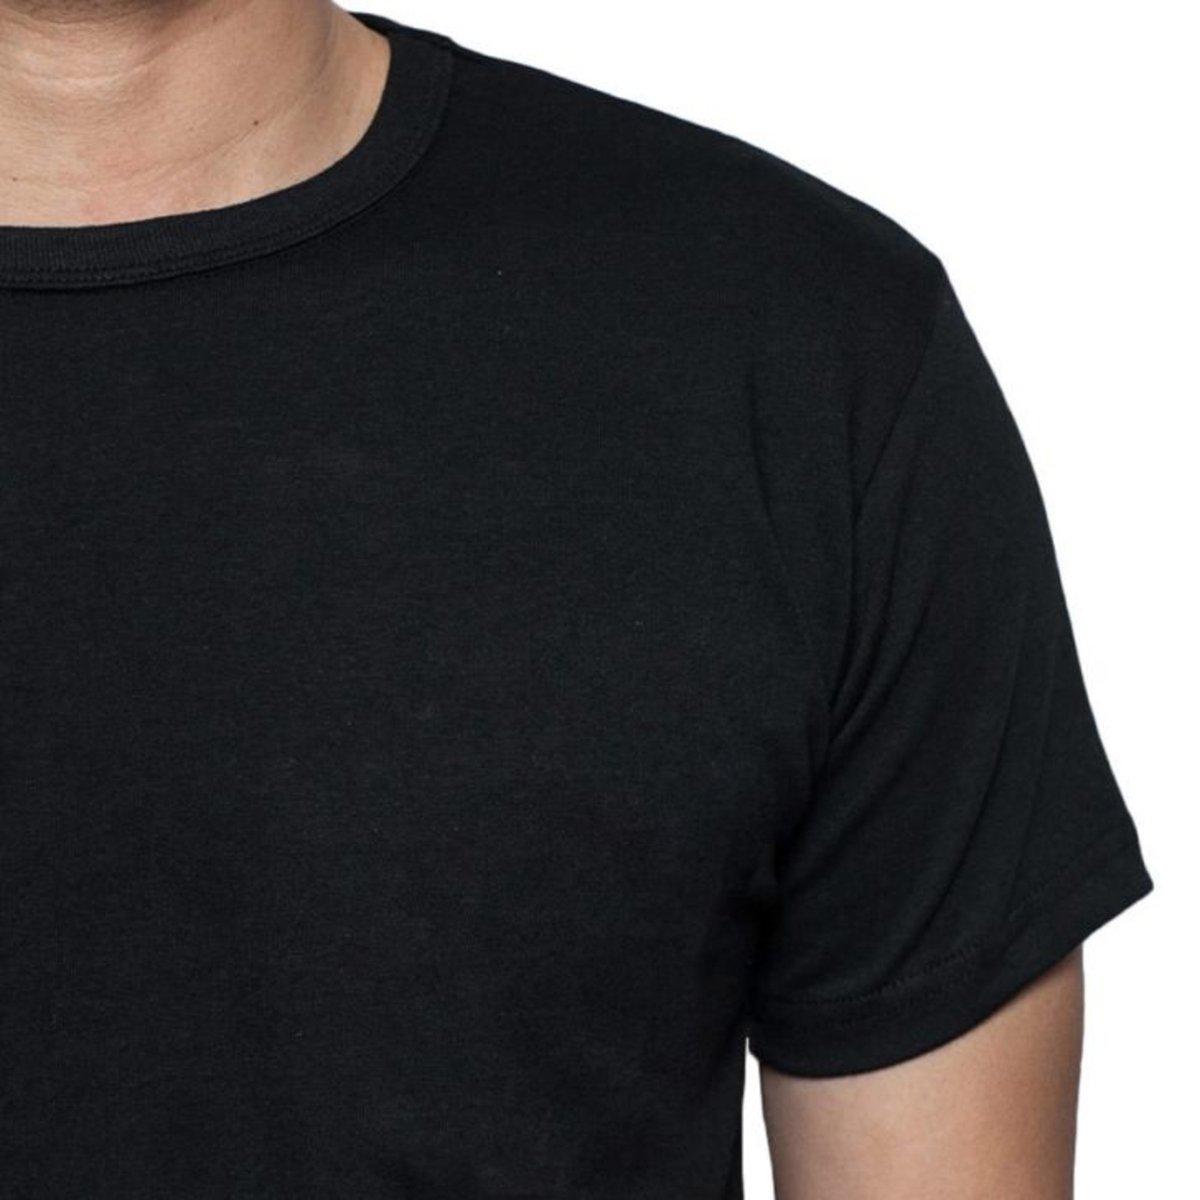 32dd7408e0 Camiseta Criativa Urbana Gospel Evangélica Religiosa Vida - Preto ...